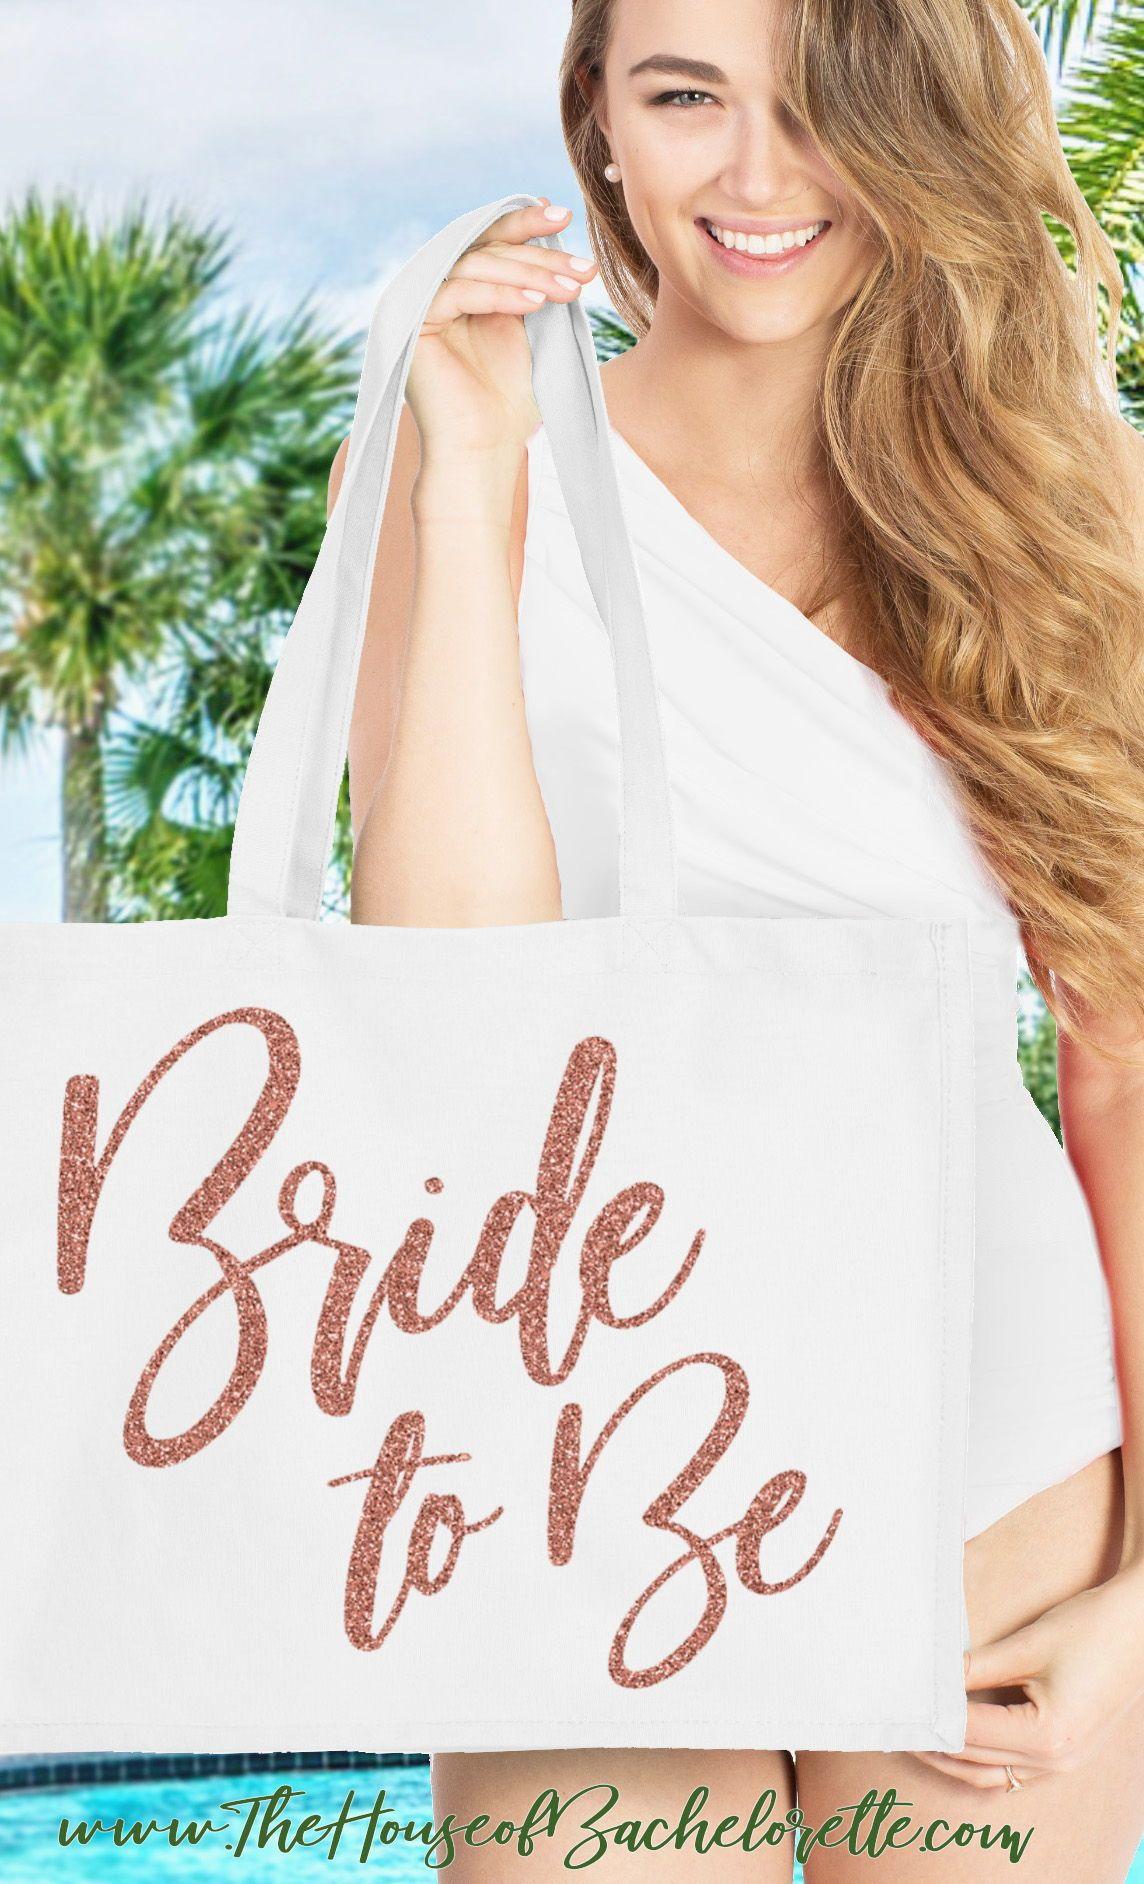 Bridal tote Bridal Shower Totes Engaged cotton tote bag Tote Bag wedding planning Engaged,Engagement gift tote bag bridal tote